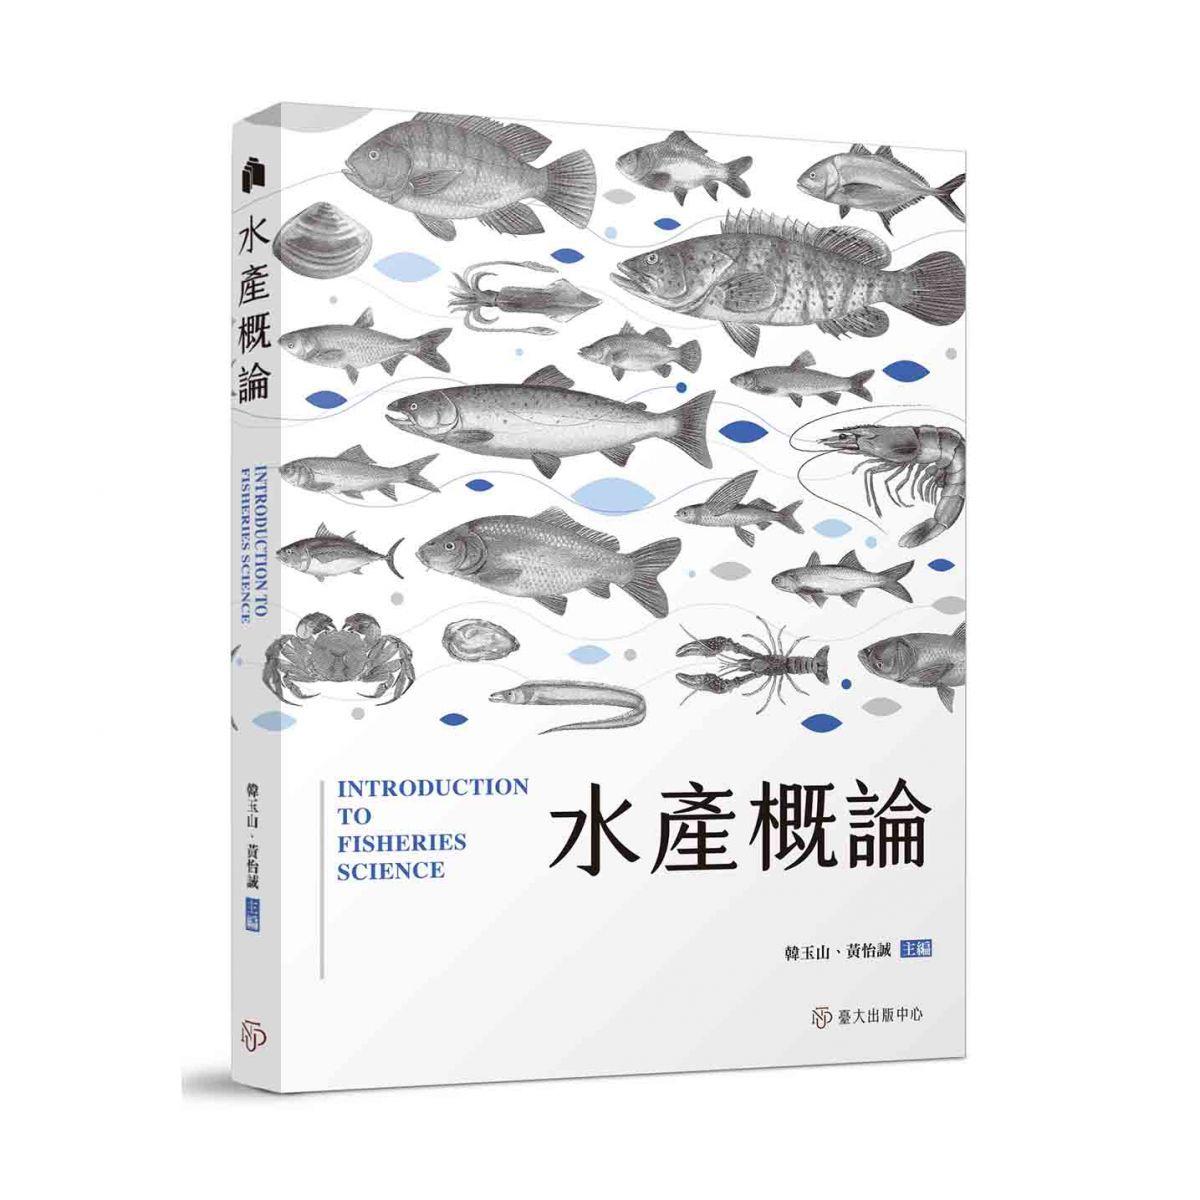 《水產概論》介紹現代漁業科學的最新進展,為讀者帶來廣泛與基礎之認識